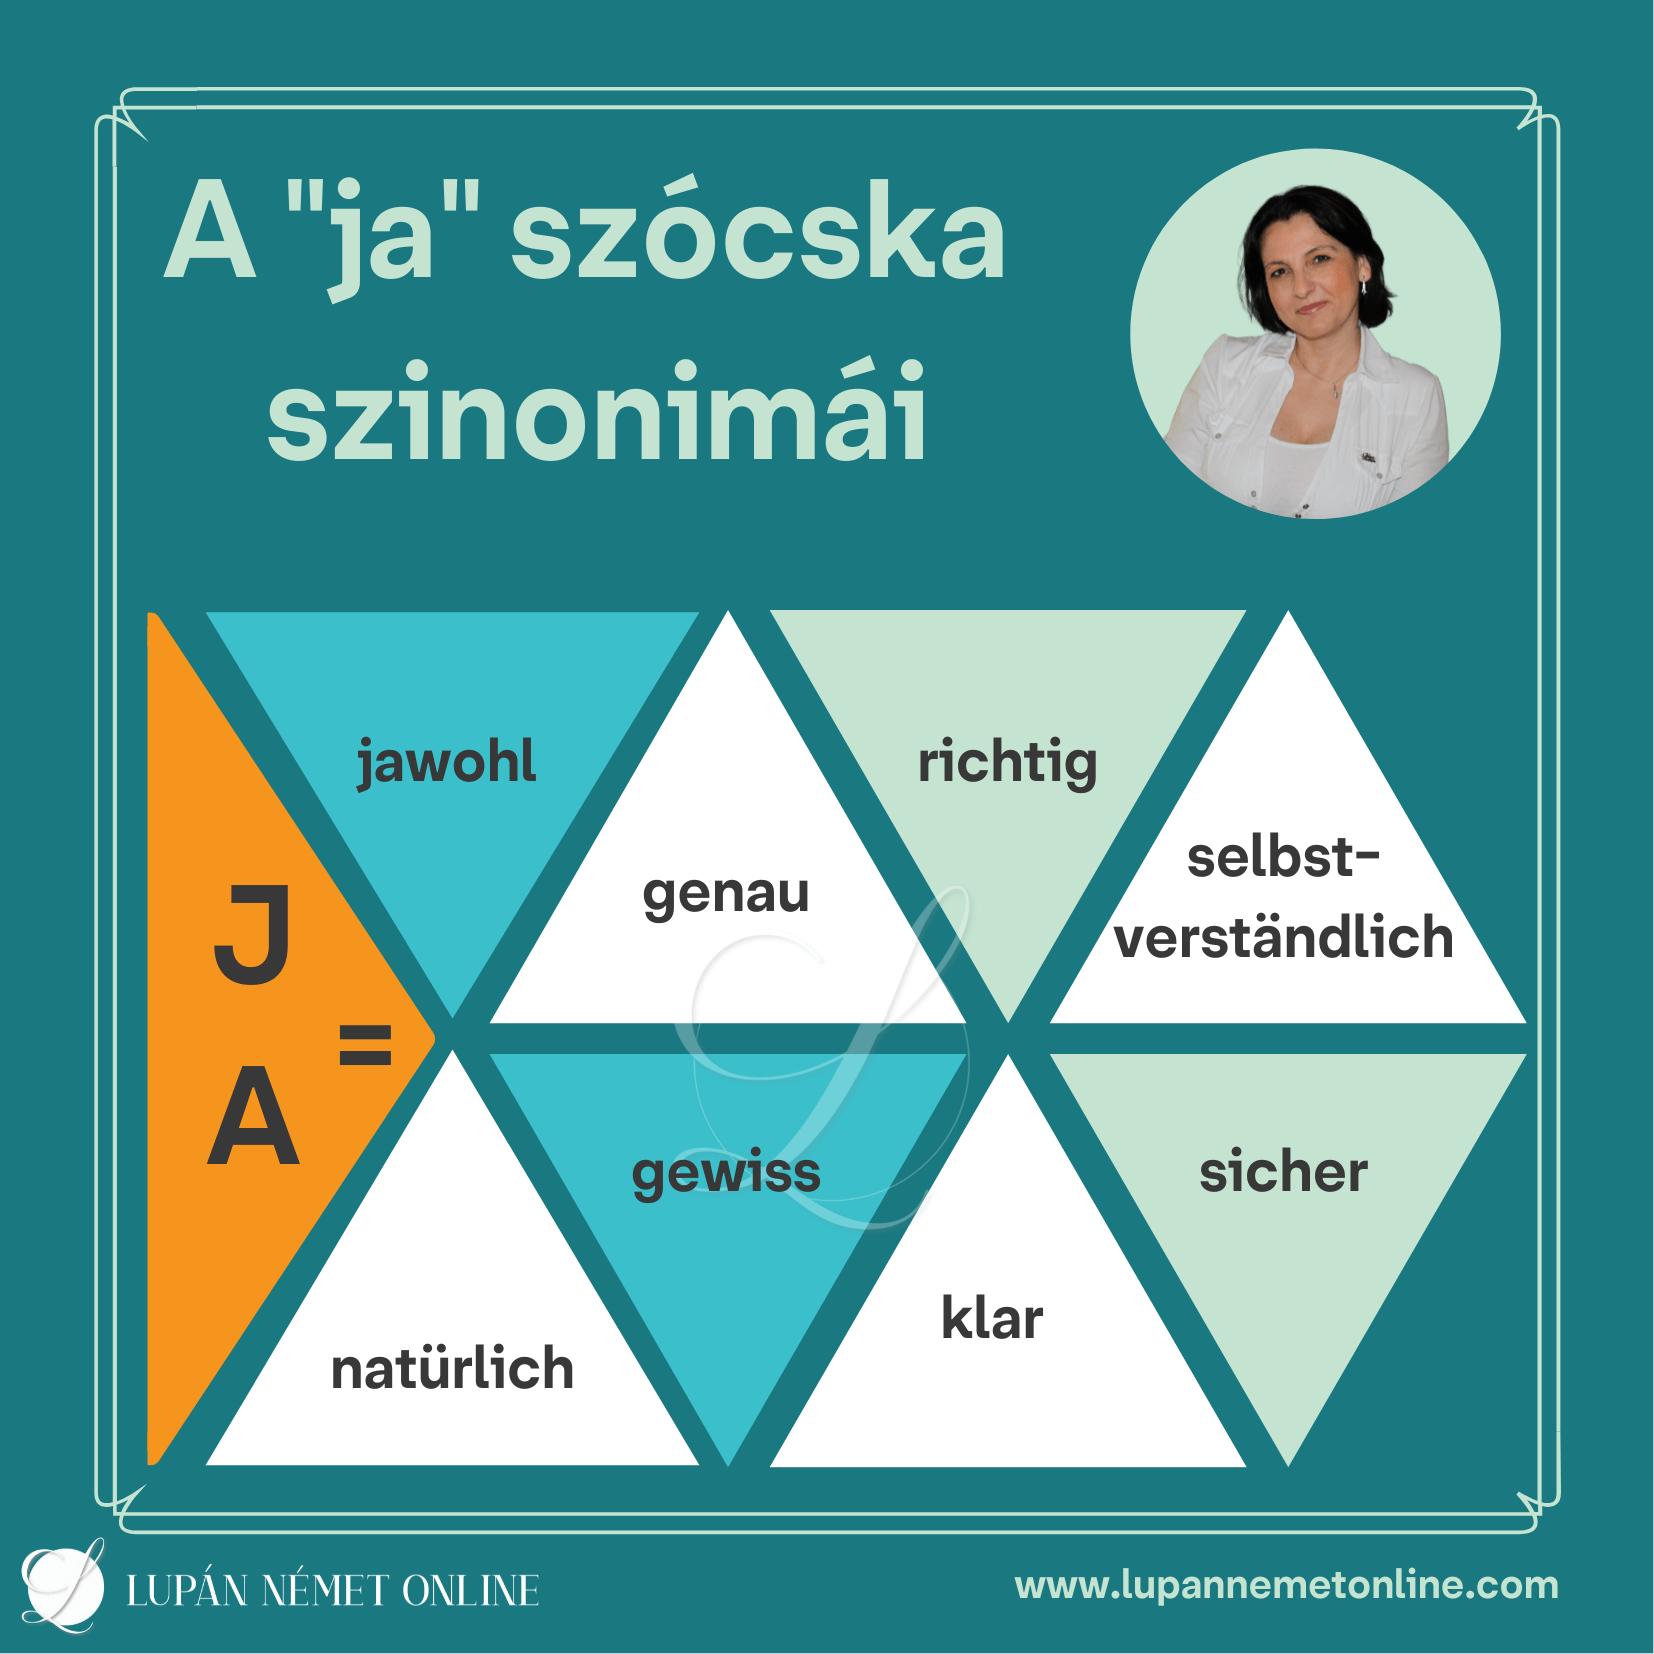 ja_igen_szinonimai